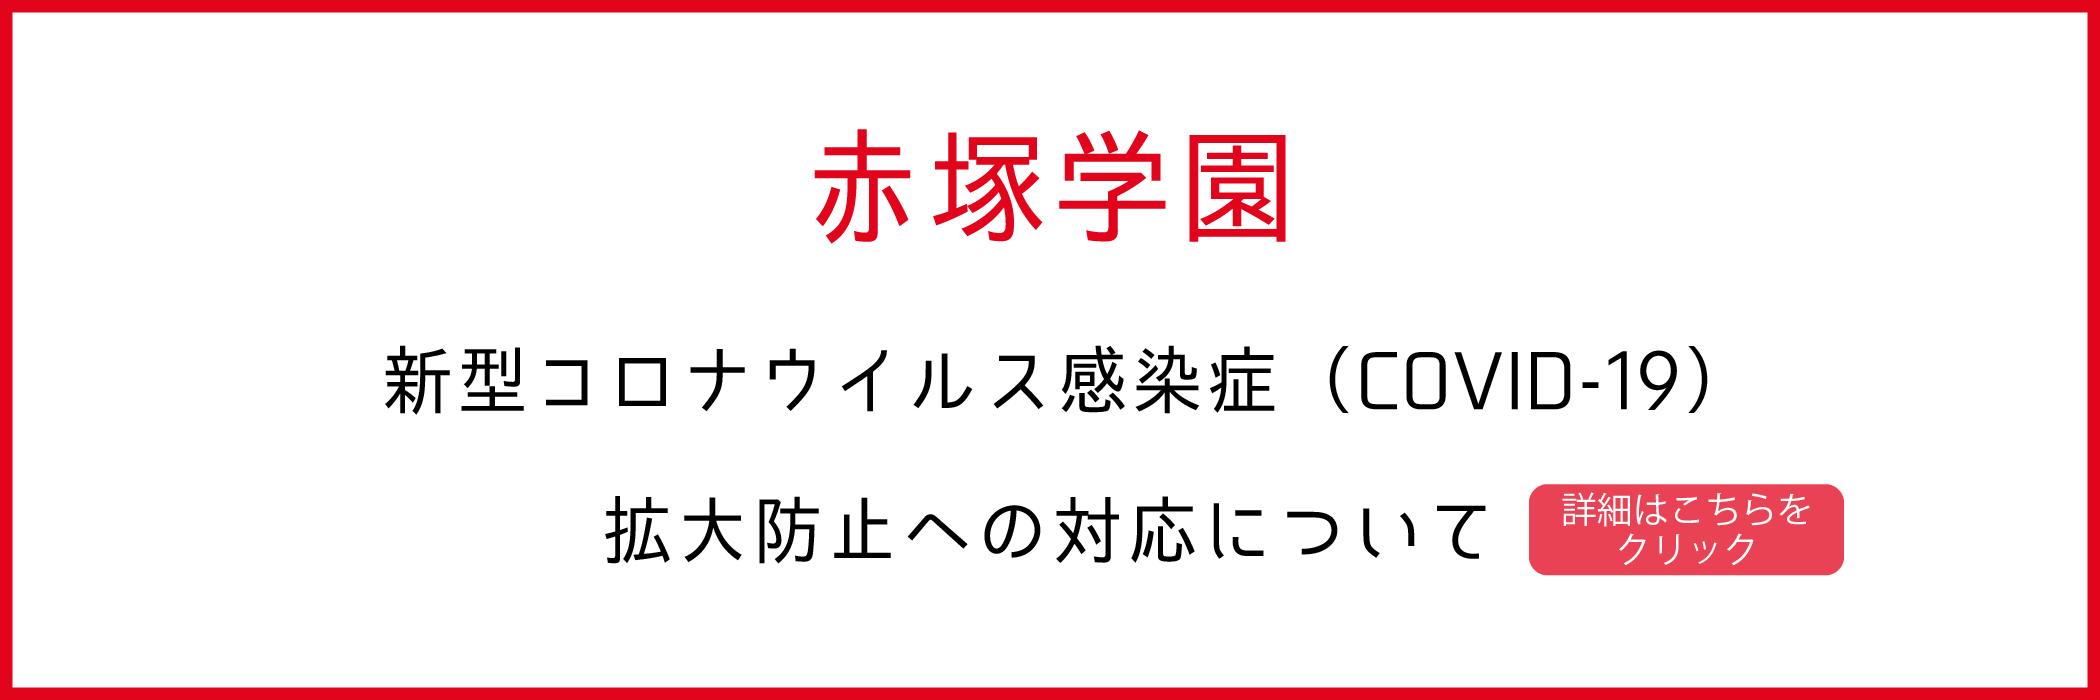 赤塚学園COVID19対応